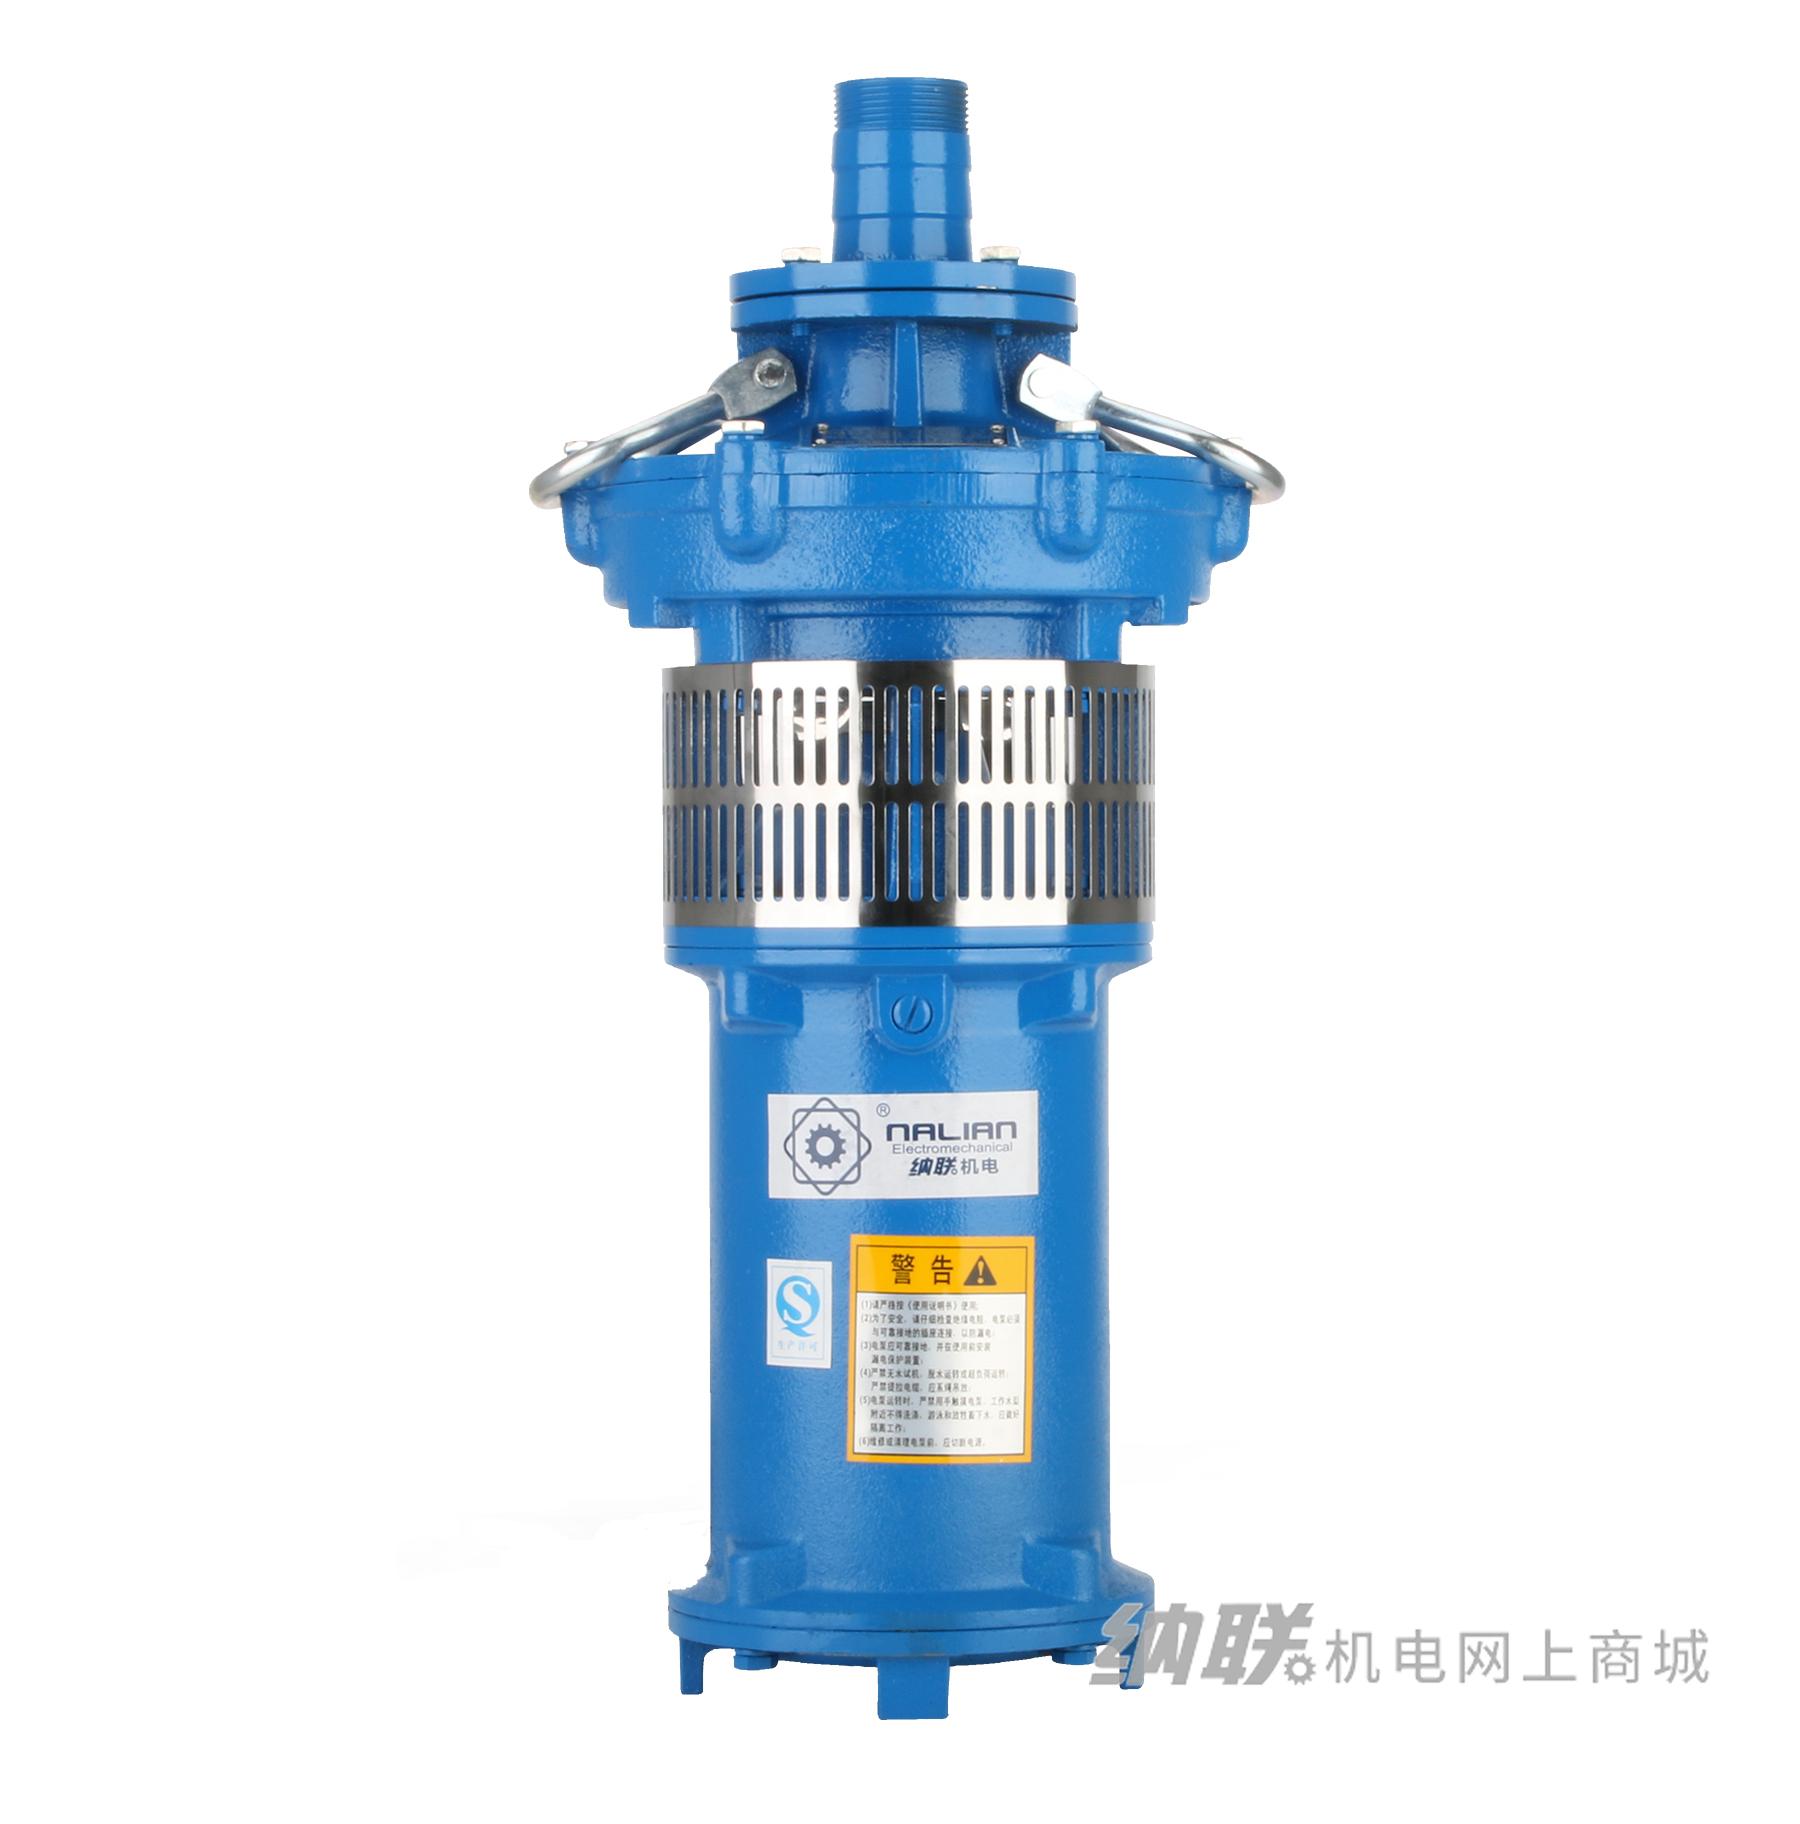 纳联机电 油浸泵-80QY40-21-4三铜